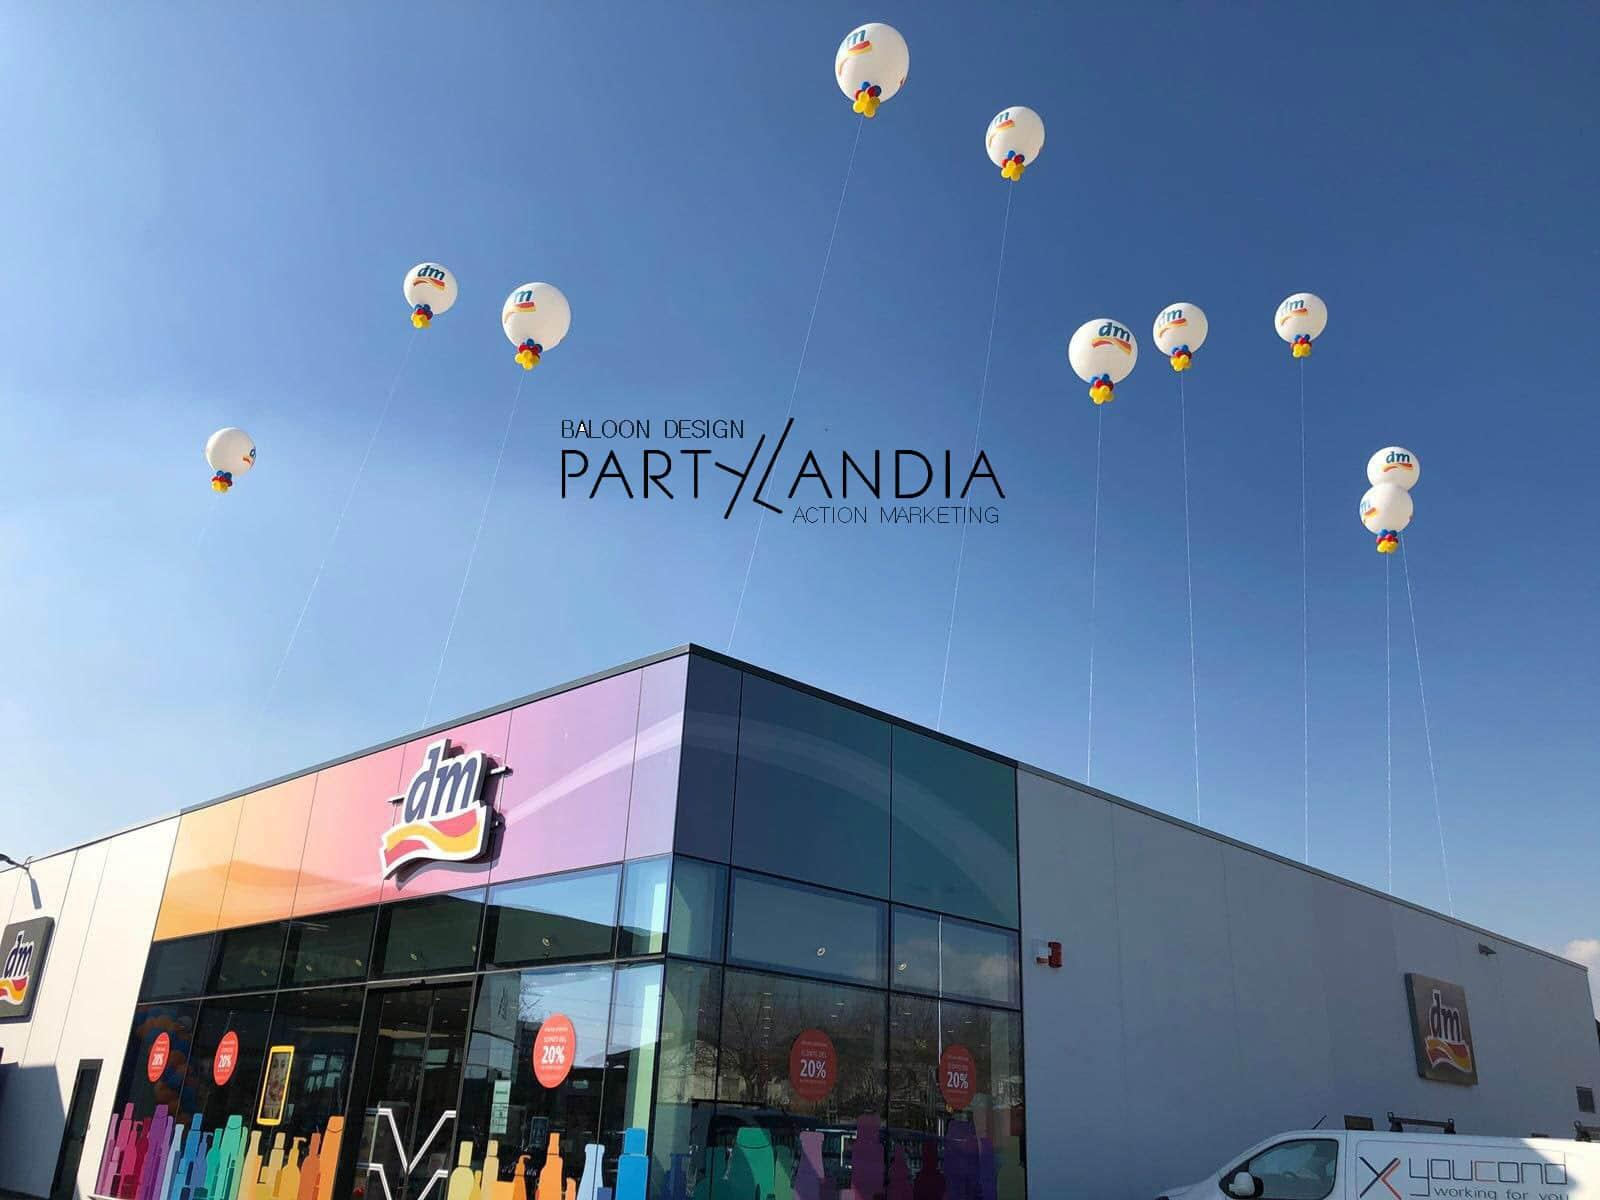 palloni giganti per inaugurazione